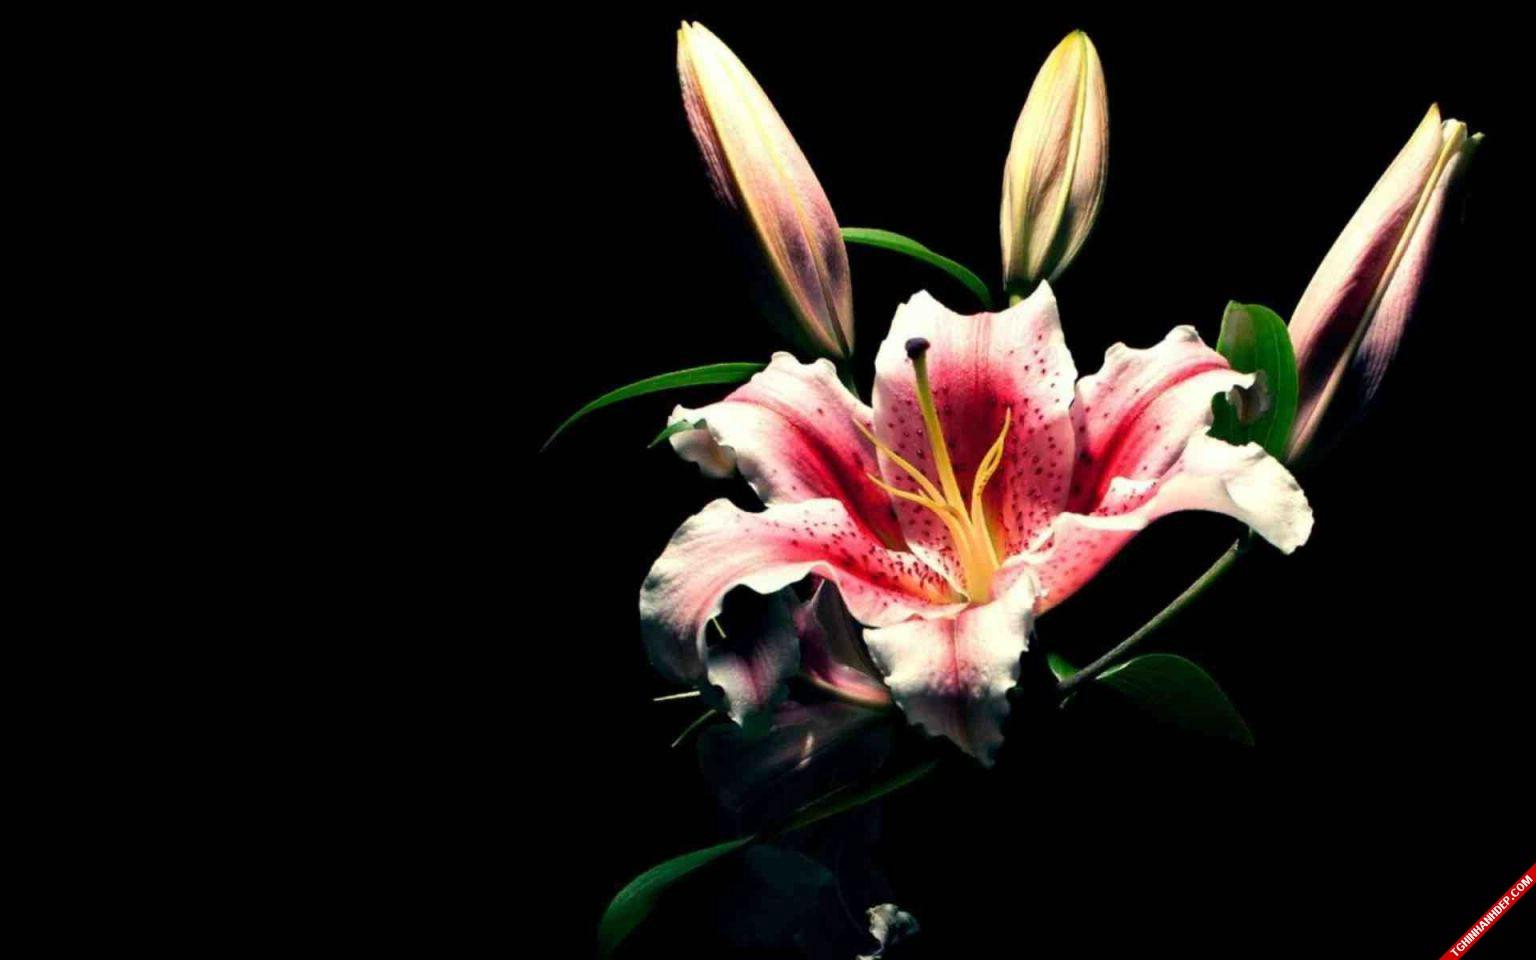 Ngất ngây với những hình ảnh hoa ly đẹp rực rỡ